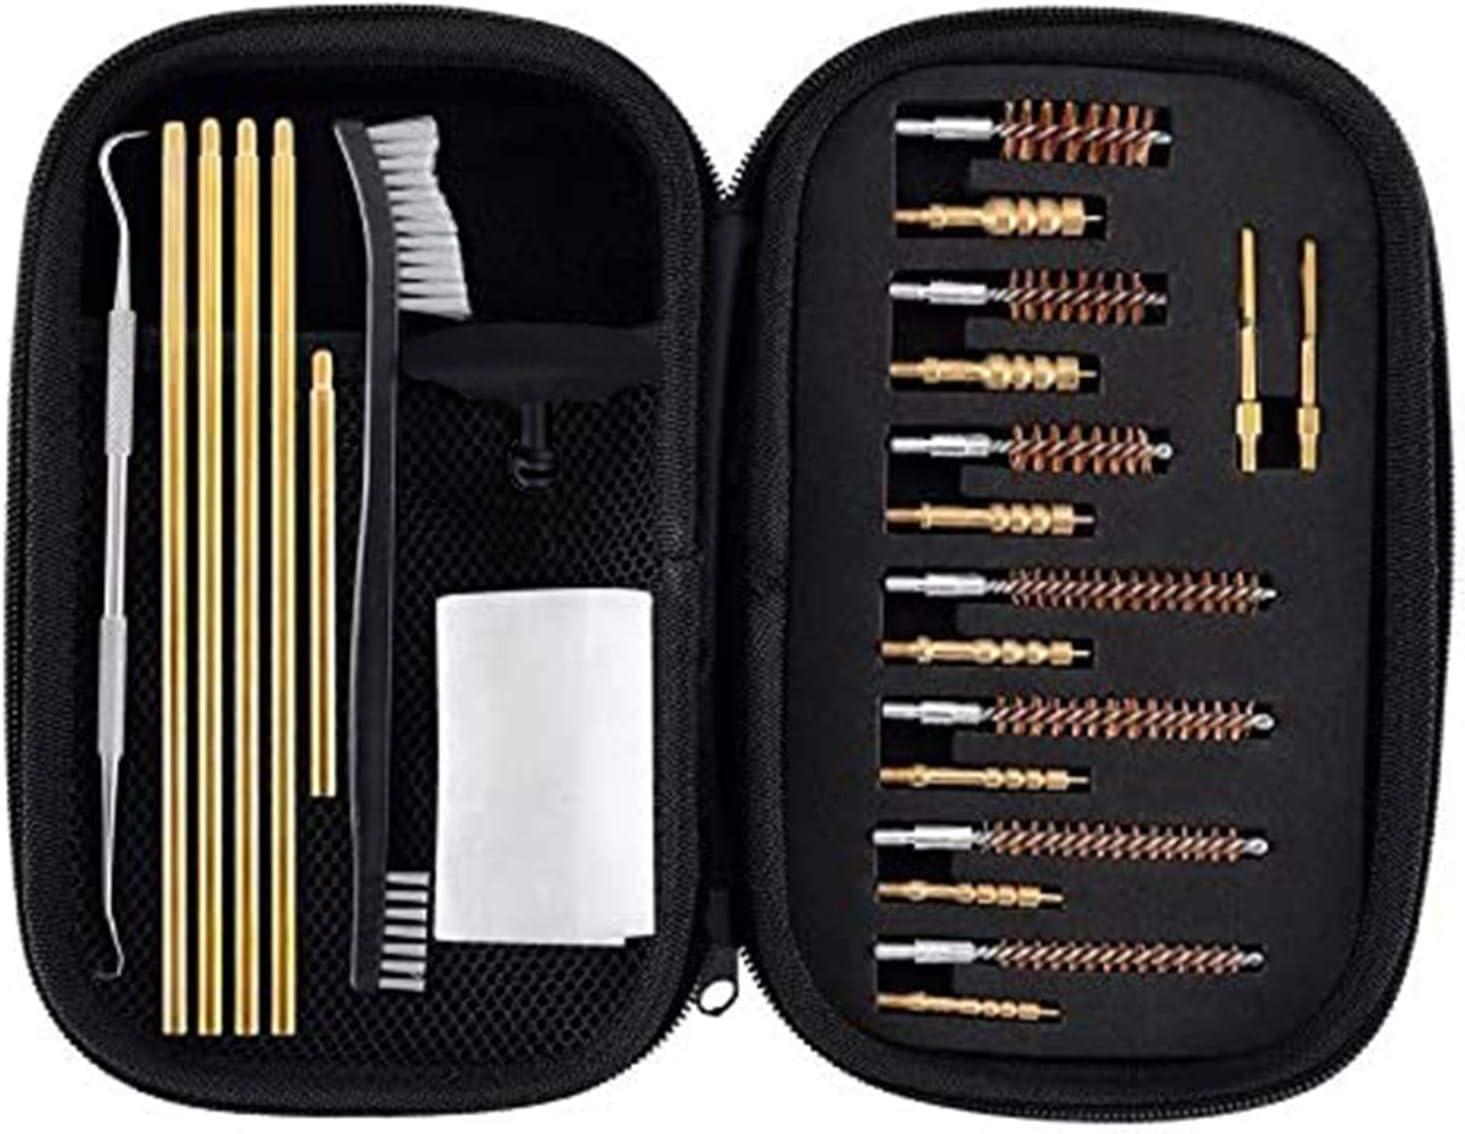 Boosteady Kit de Limpieza Brochas Que Tienen Jabs de latón Multi-Calibre para Rifle & Handgun & Pistola (Calibre de .22.30.243.280.40.45.357 / 9mm /.380)